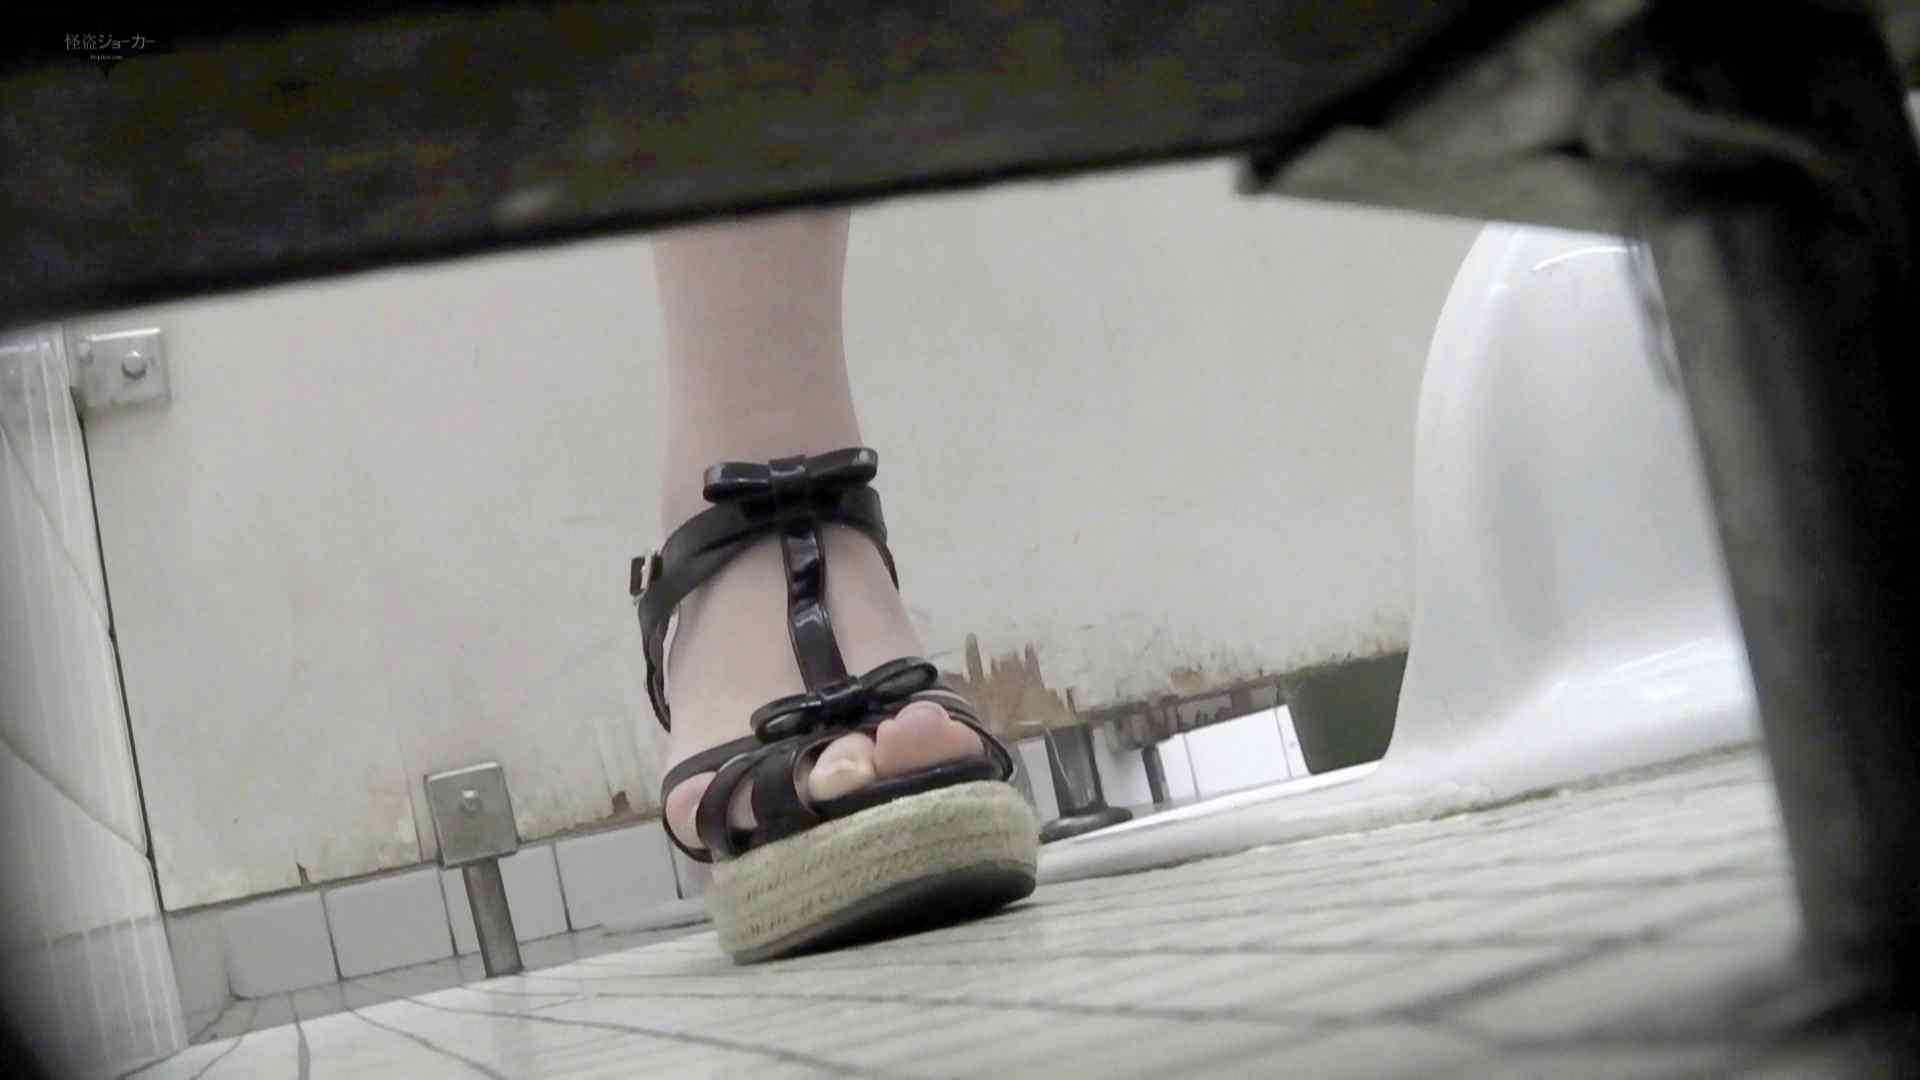 【潜入トイレ盗撮】洗面所特攻隊 vol.70 極上品の連続、歌いながら美女入室 盗撮エロすぎ | トイレ中  90連発 17